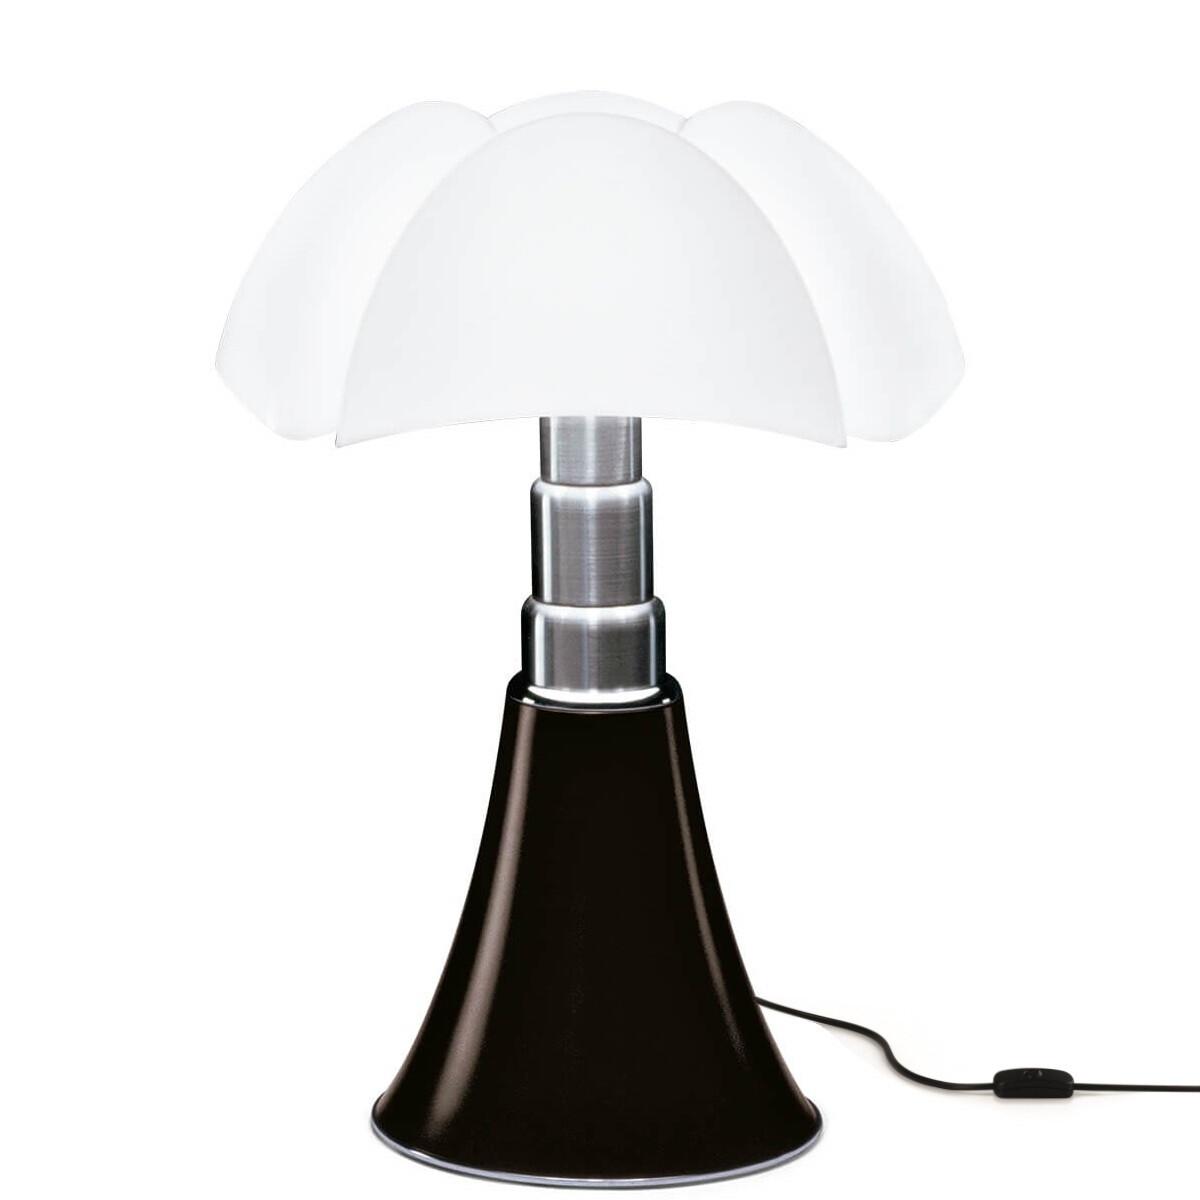 Pipistrello Bordlampe LED Mørk Brun – Martinelli Luce